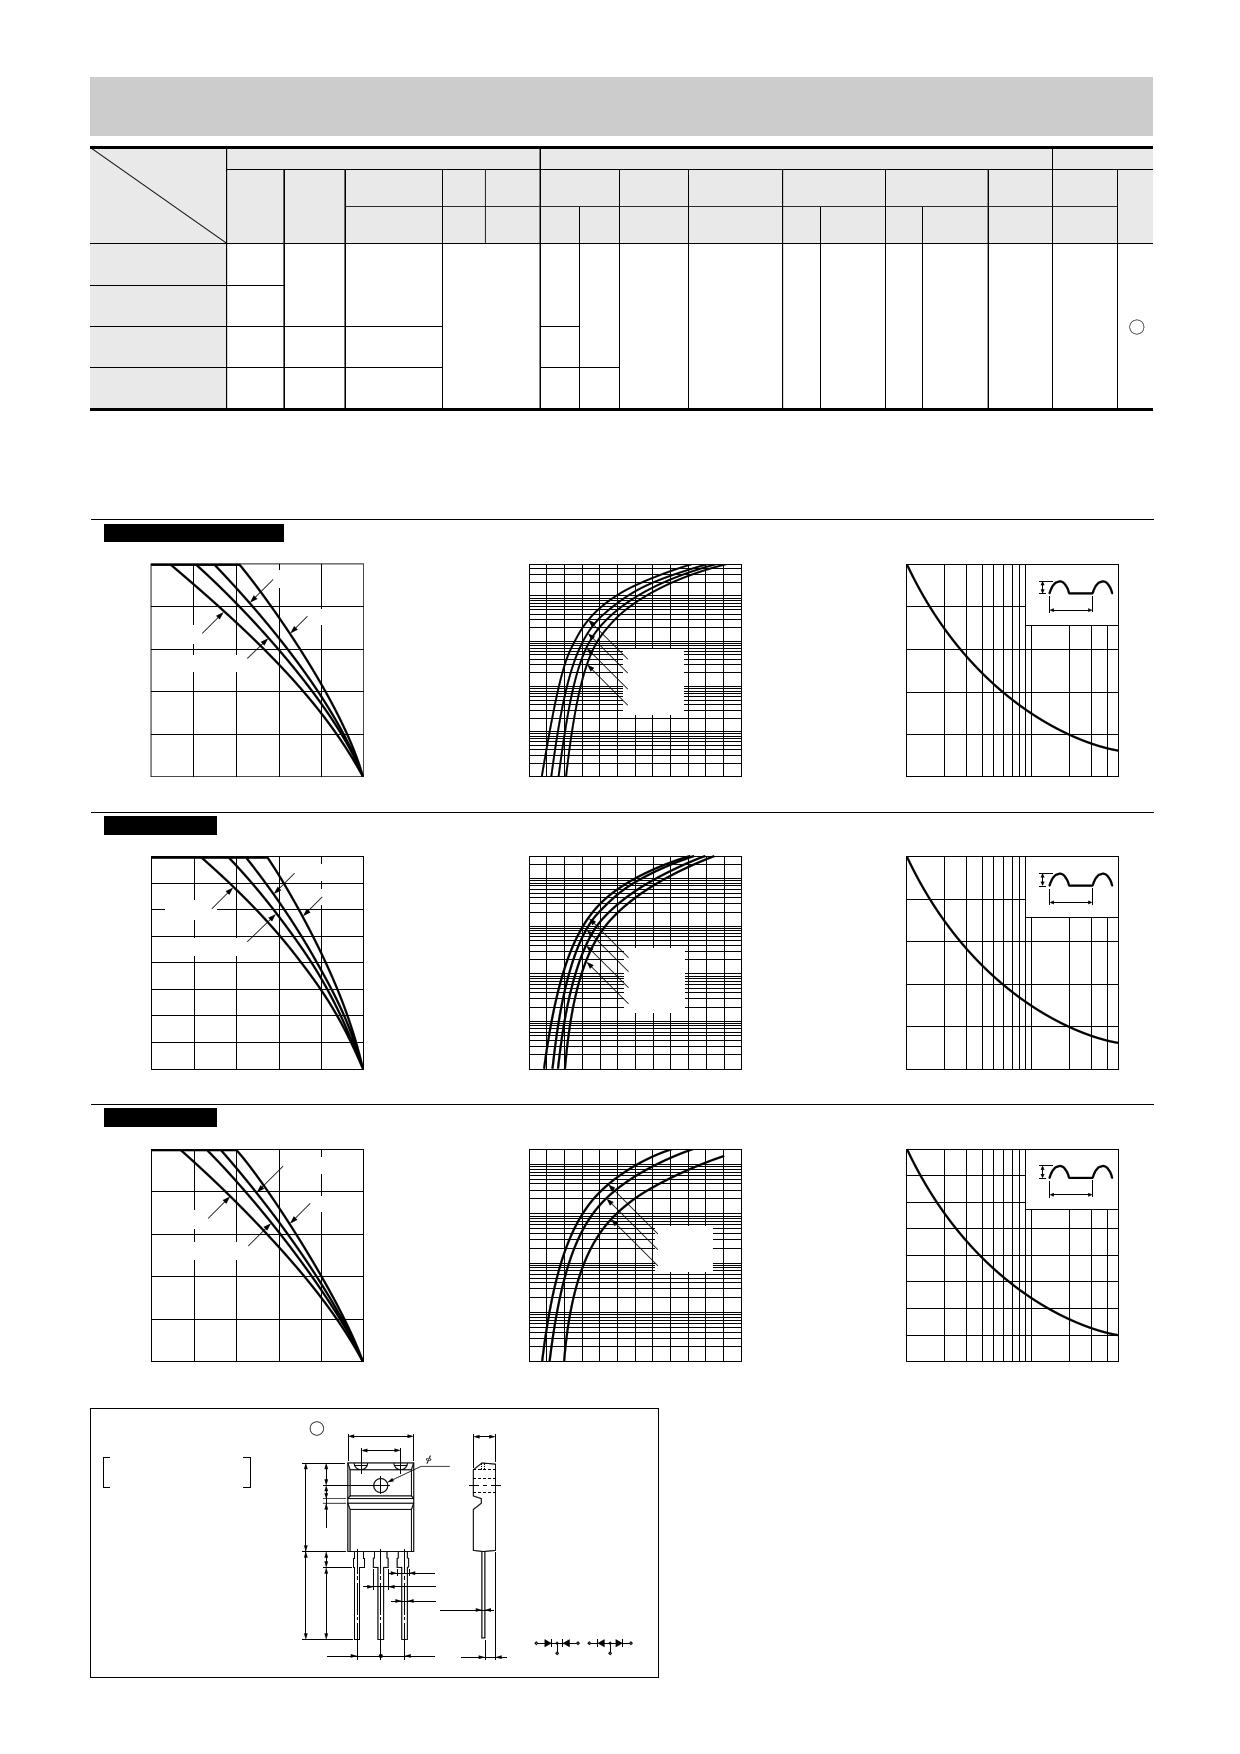 FMG-36R دیتاشیت PDF